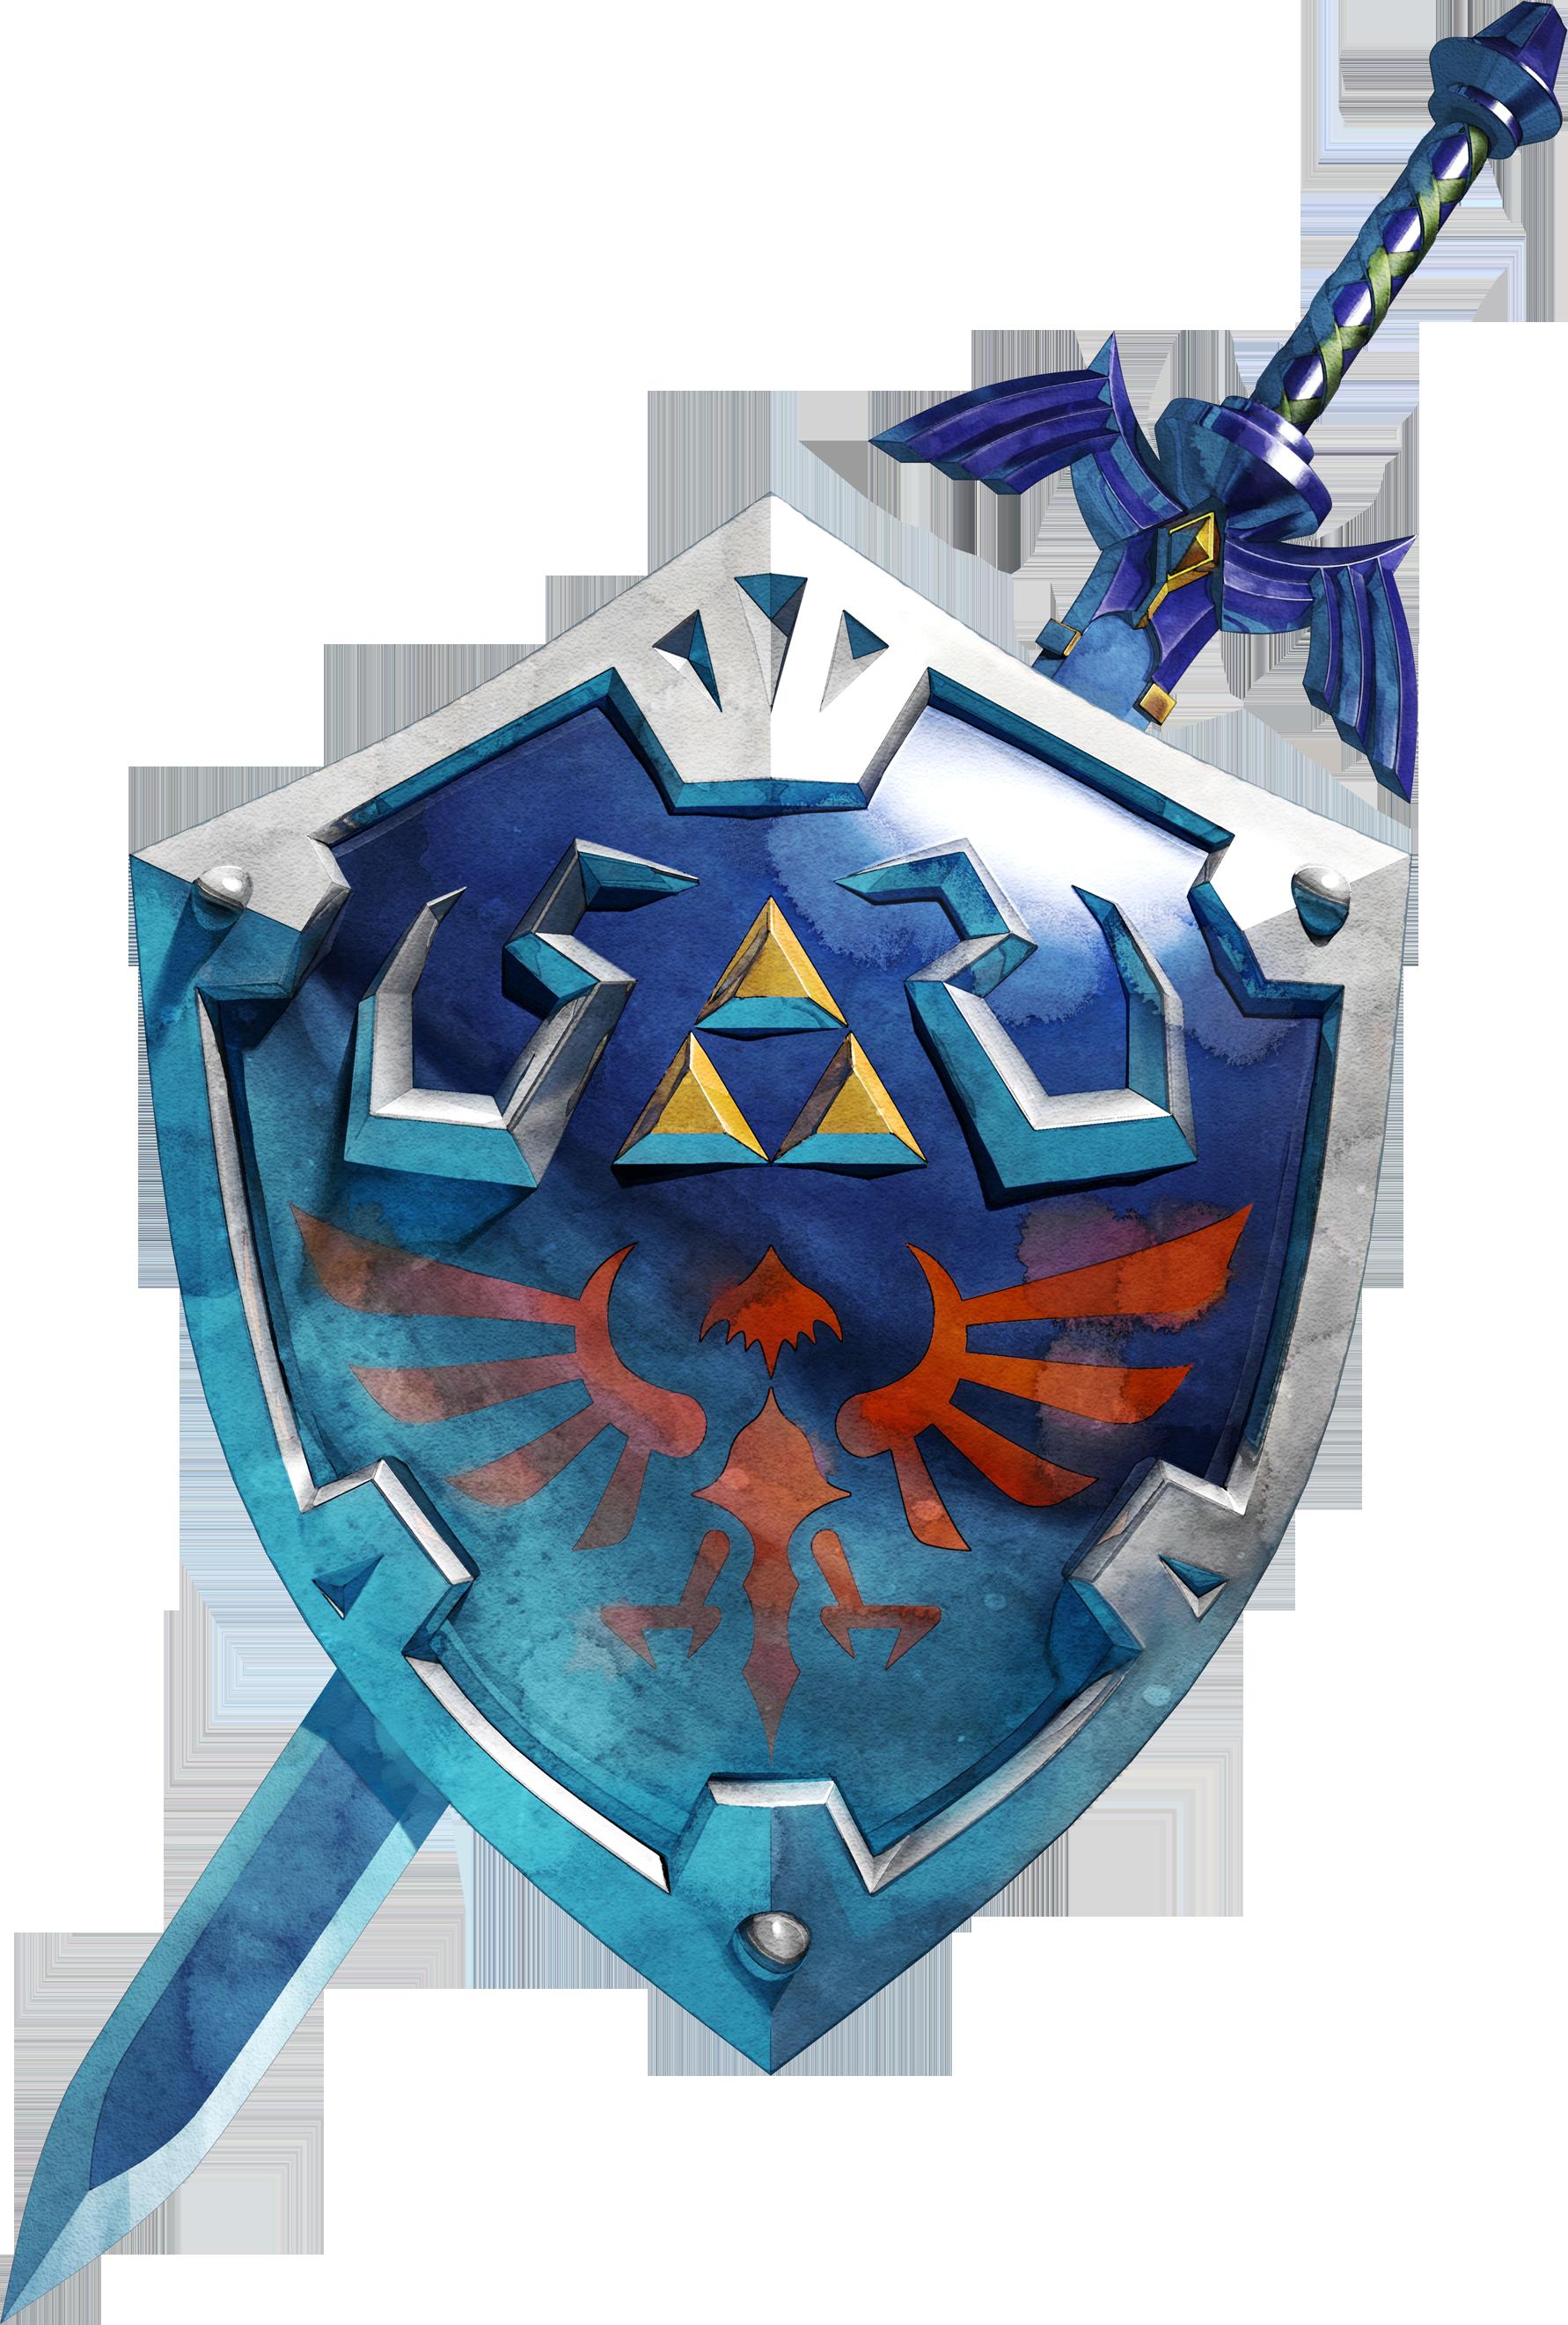 Master Sword Hylian Shield Skyward Sword Ideias De Papel De Parede Tatto Espada Personagens De Anime